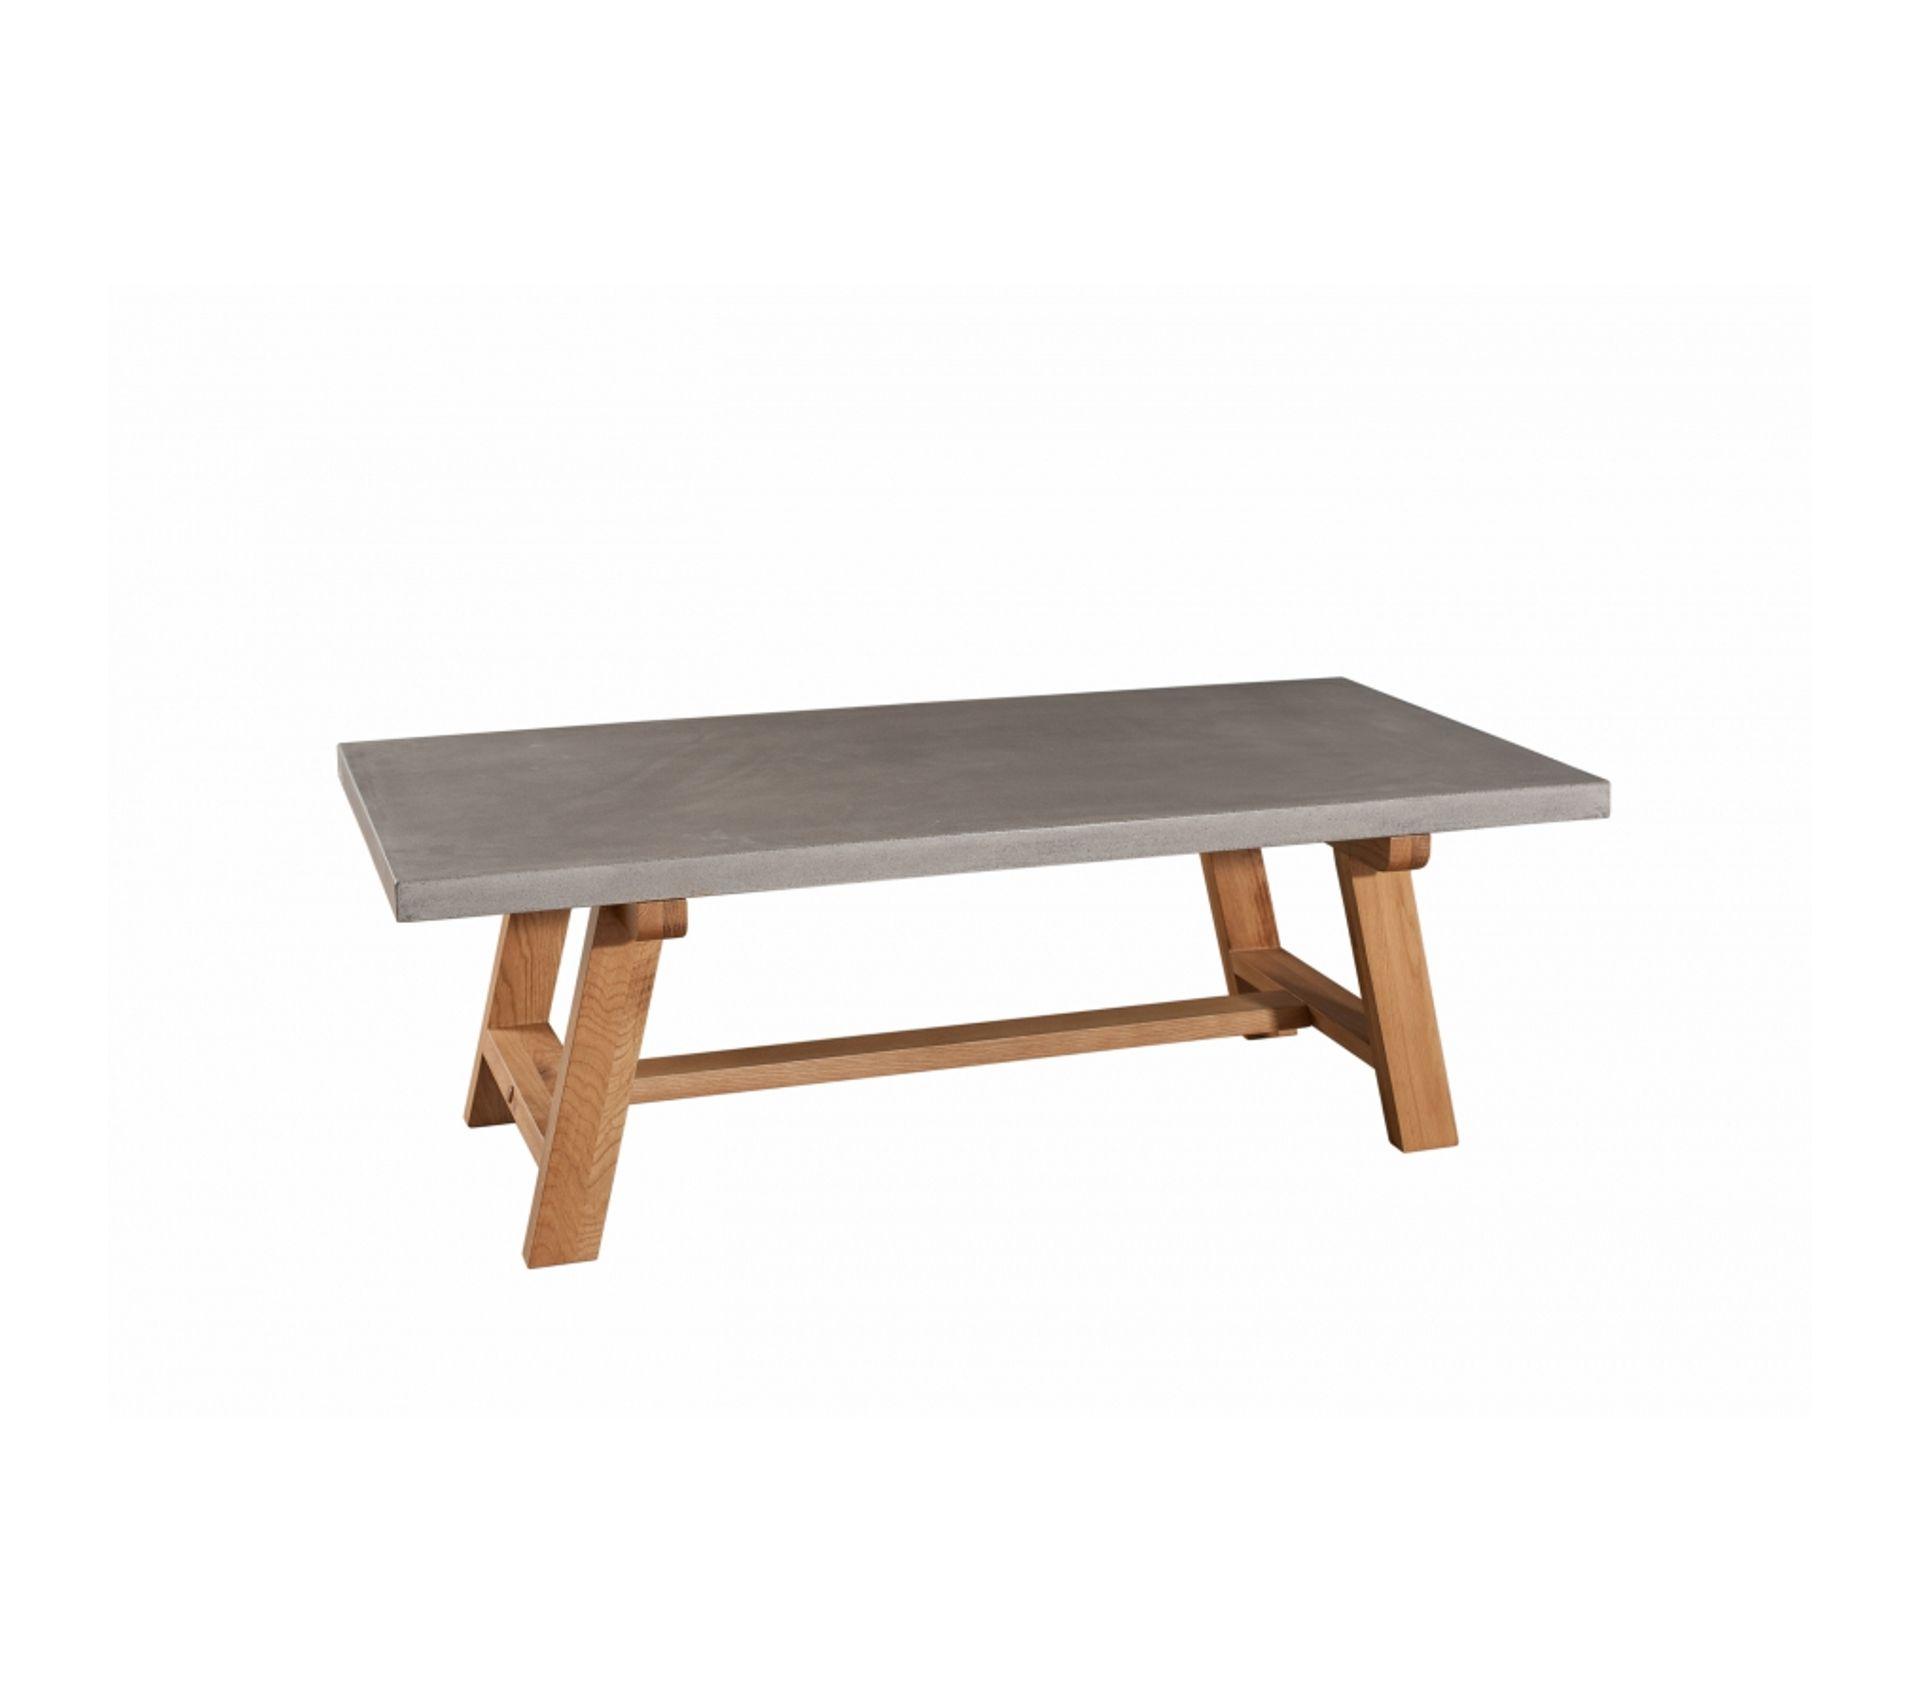 Table En Béton Ciré Et Bois table basse 120 x 60 cm bois et béton